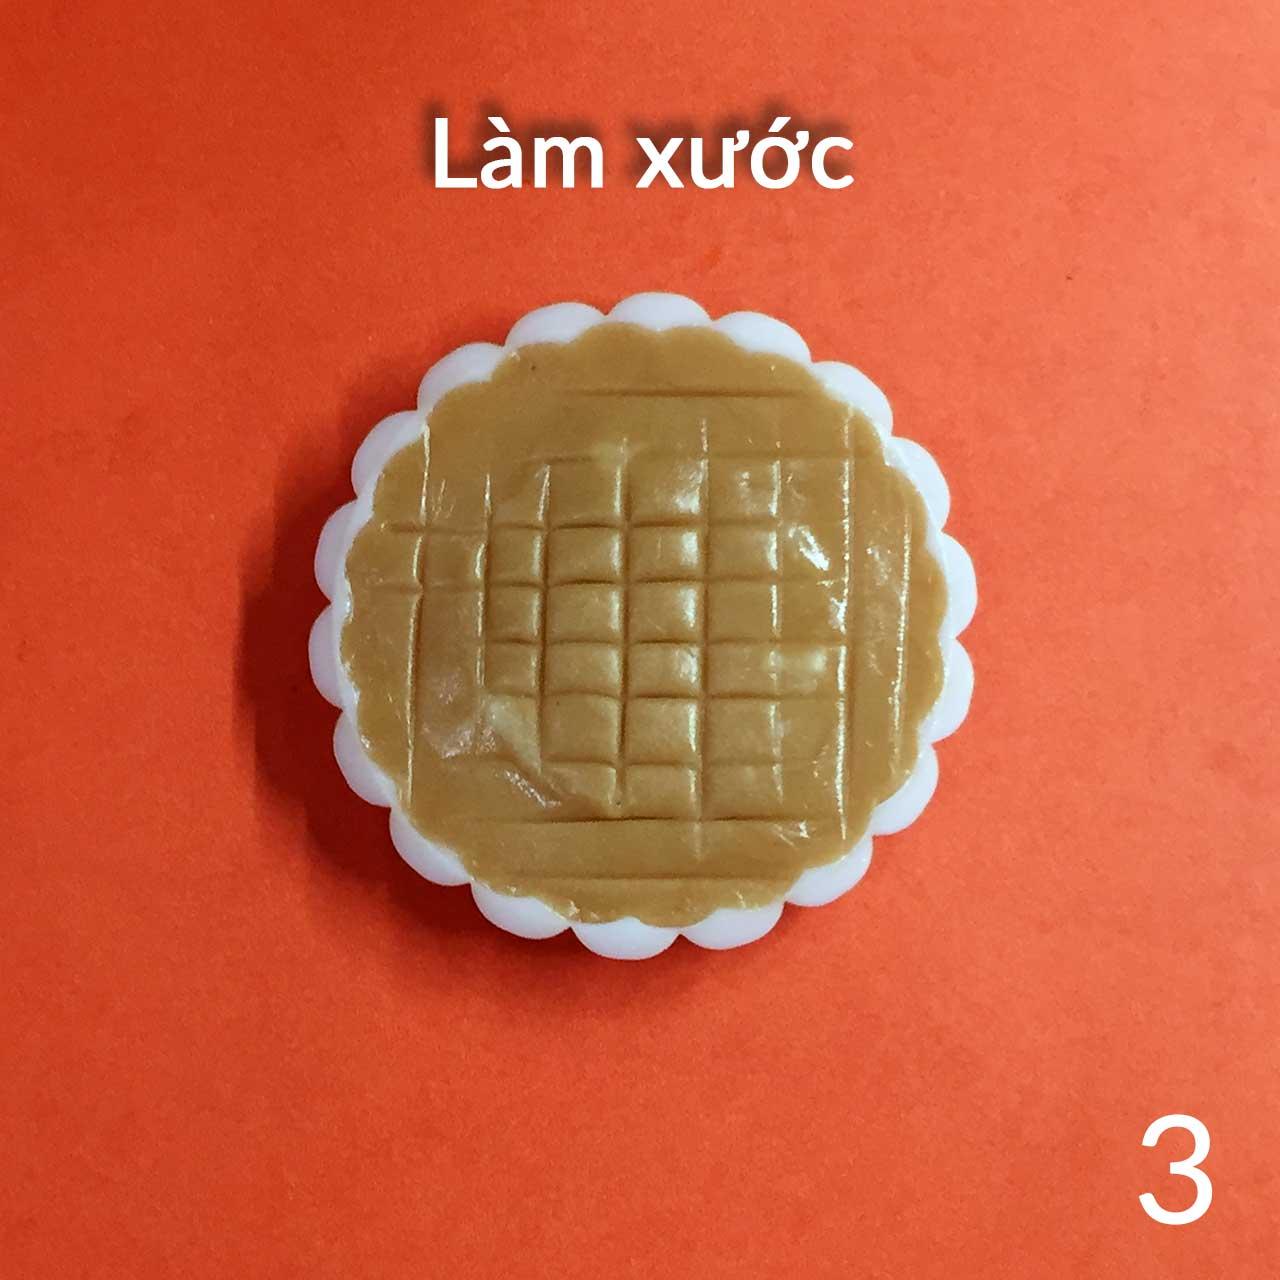 lam-xuoc-1.jpg